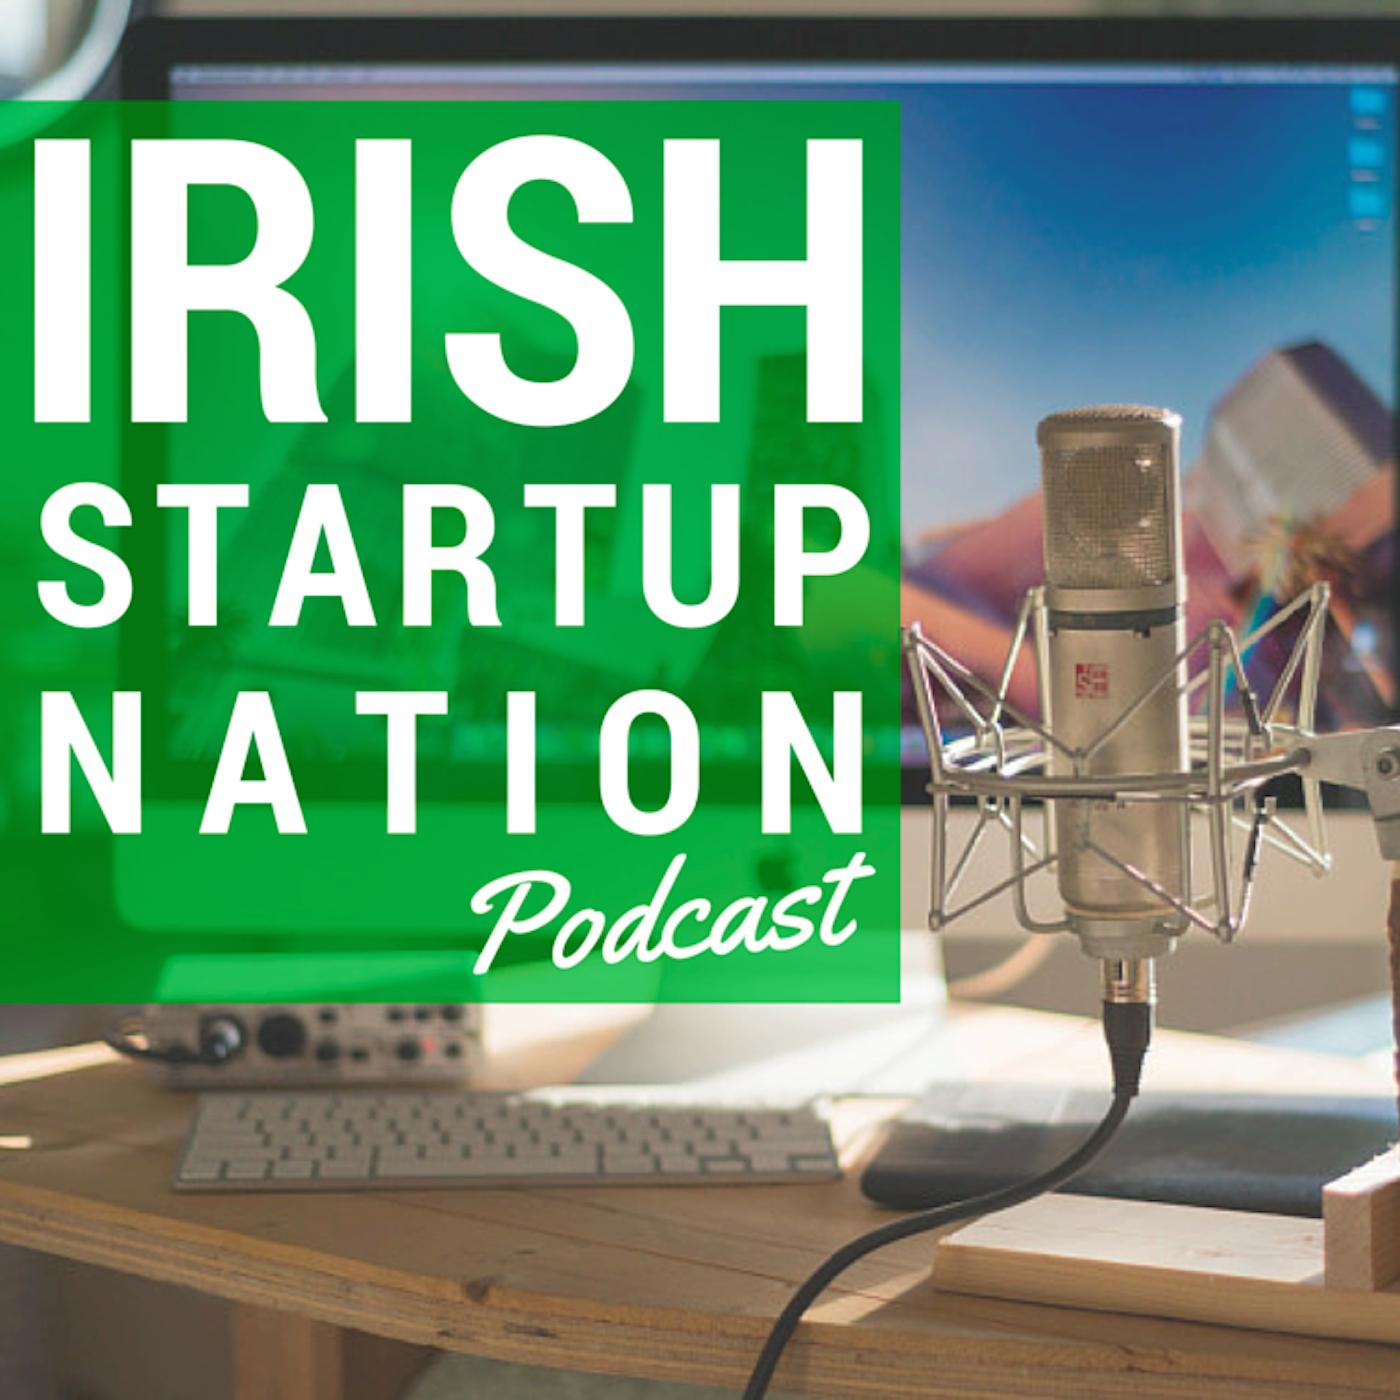 Irish Startup Nation